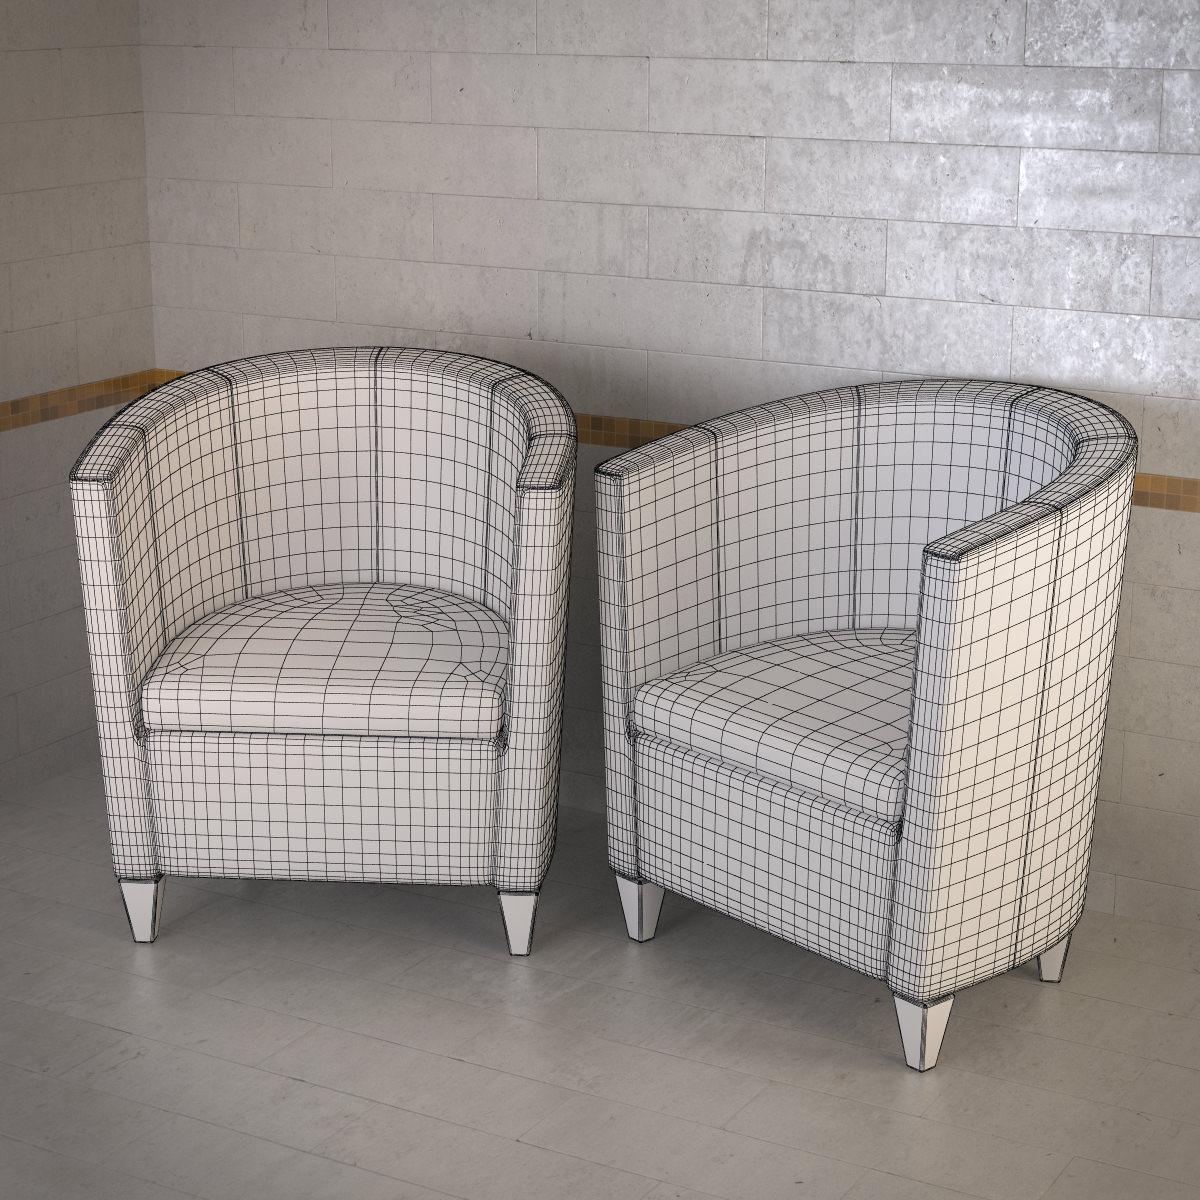 Topdeq john bronco armchair 3d model 3ds fbx dxf obj max for Topdeq design